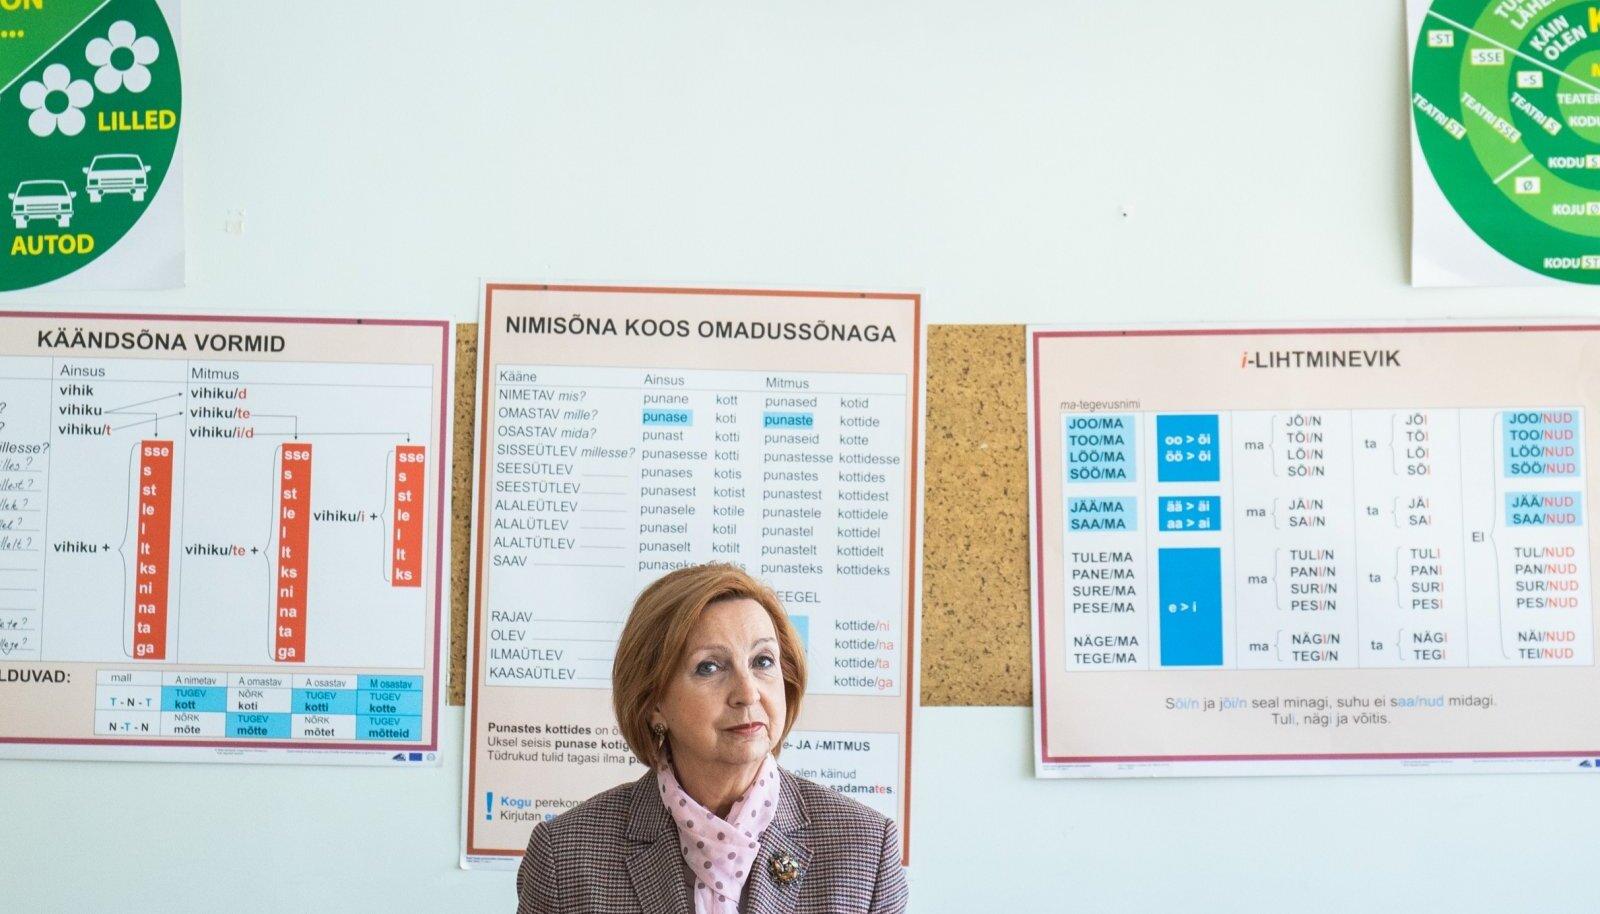 Direktor Rita Rumm juhib Tallinna Mahtra põhikooli, kus on nii puhtalt venekeelseid kui ka keelekümblusklasse.